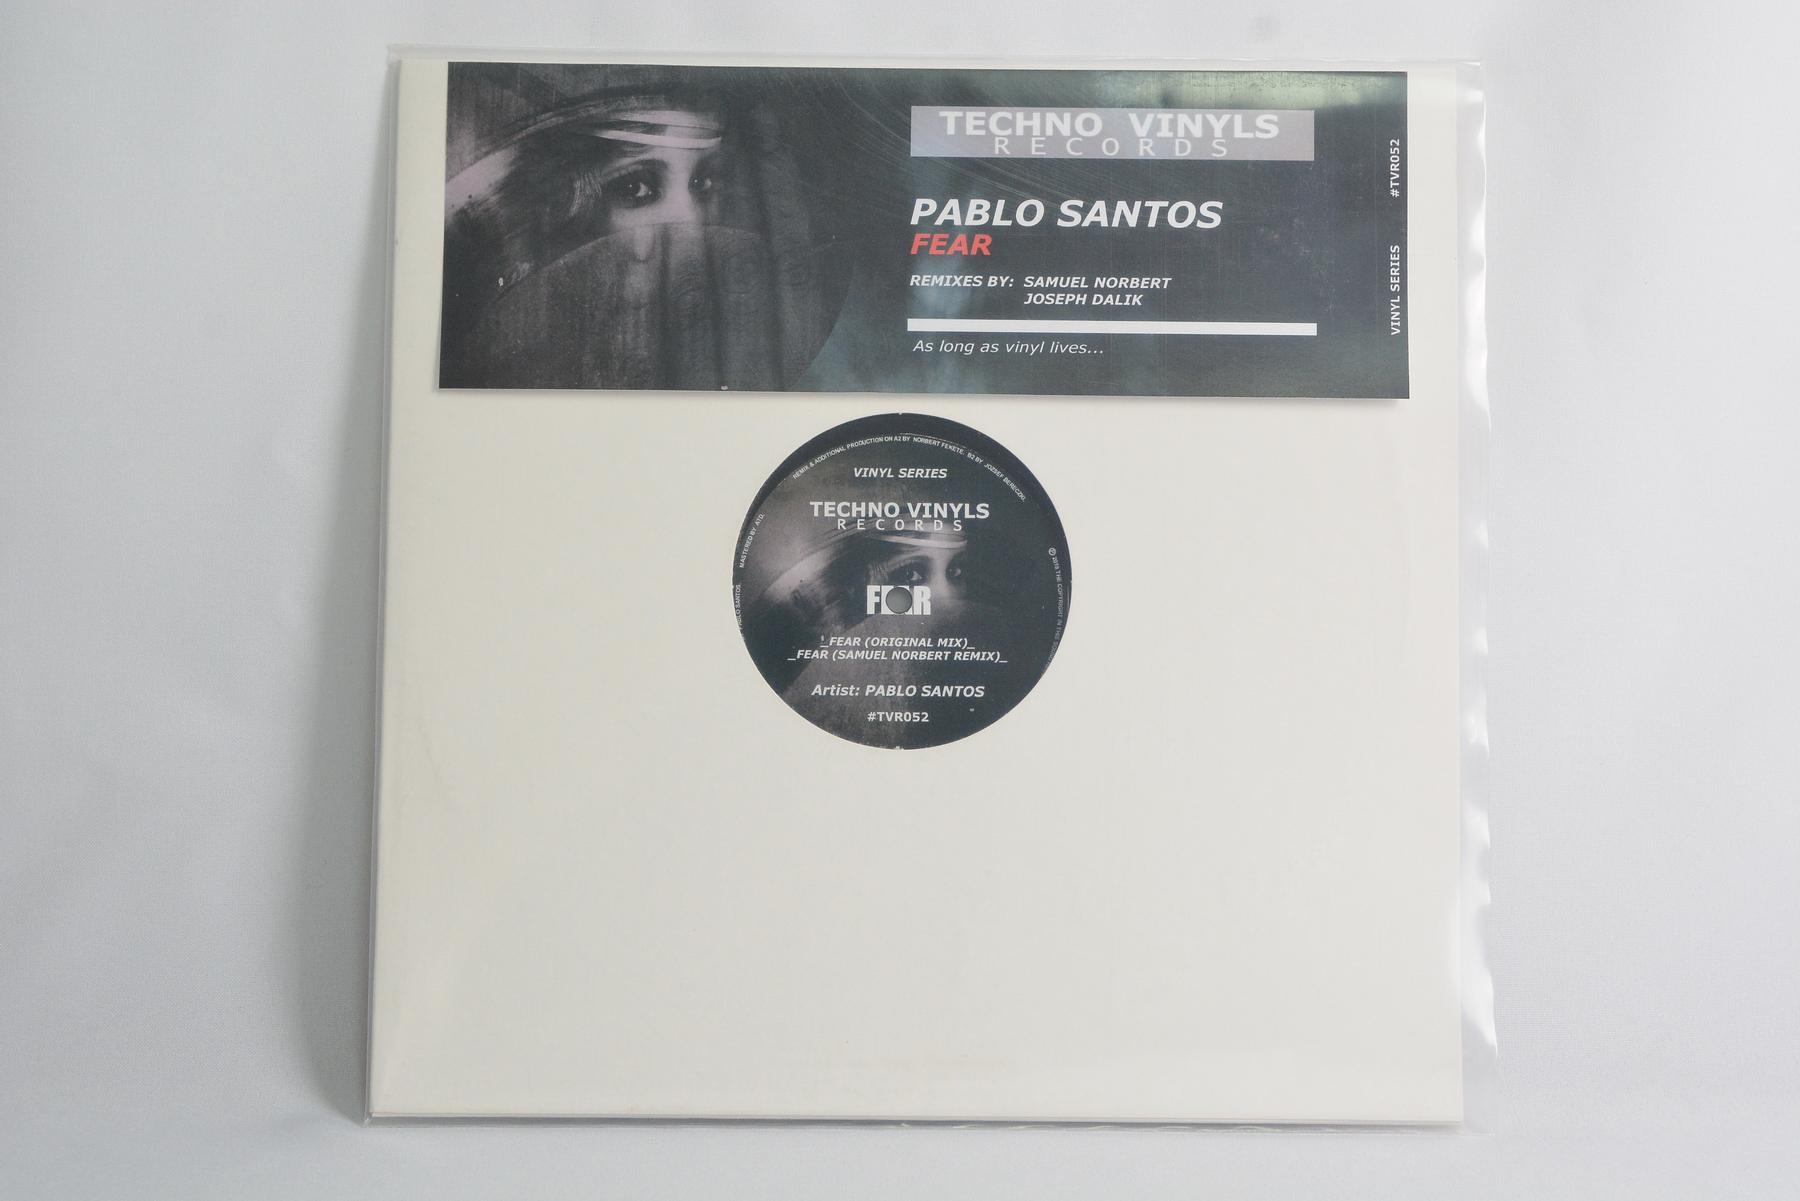 Pablo Santos – Fear